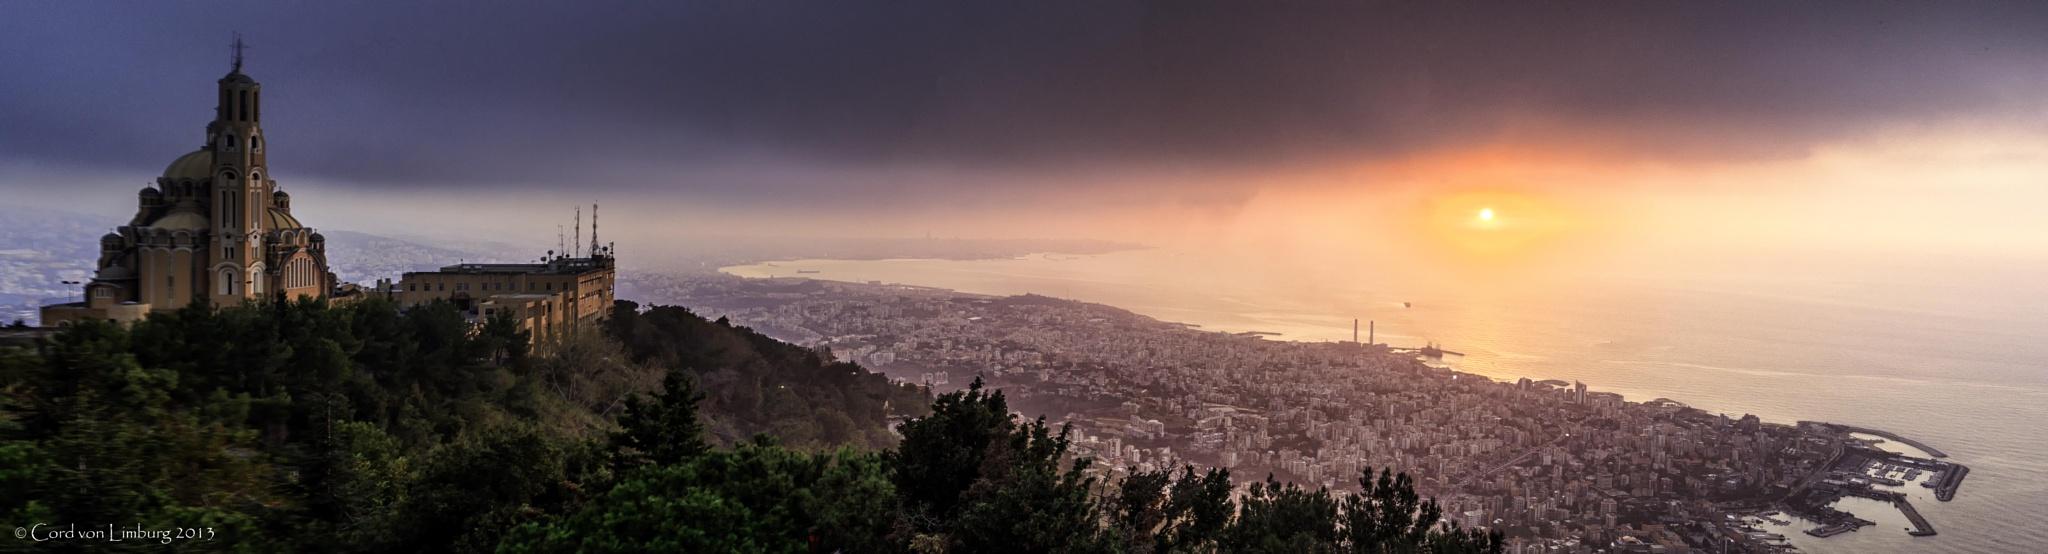 Beirut at sunset, Lebanon (Panorama) by Cord von Limburg